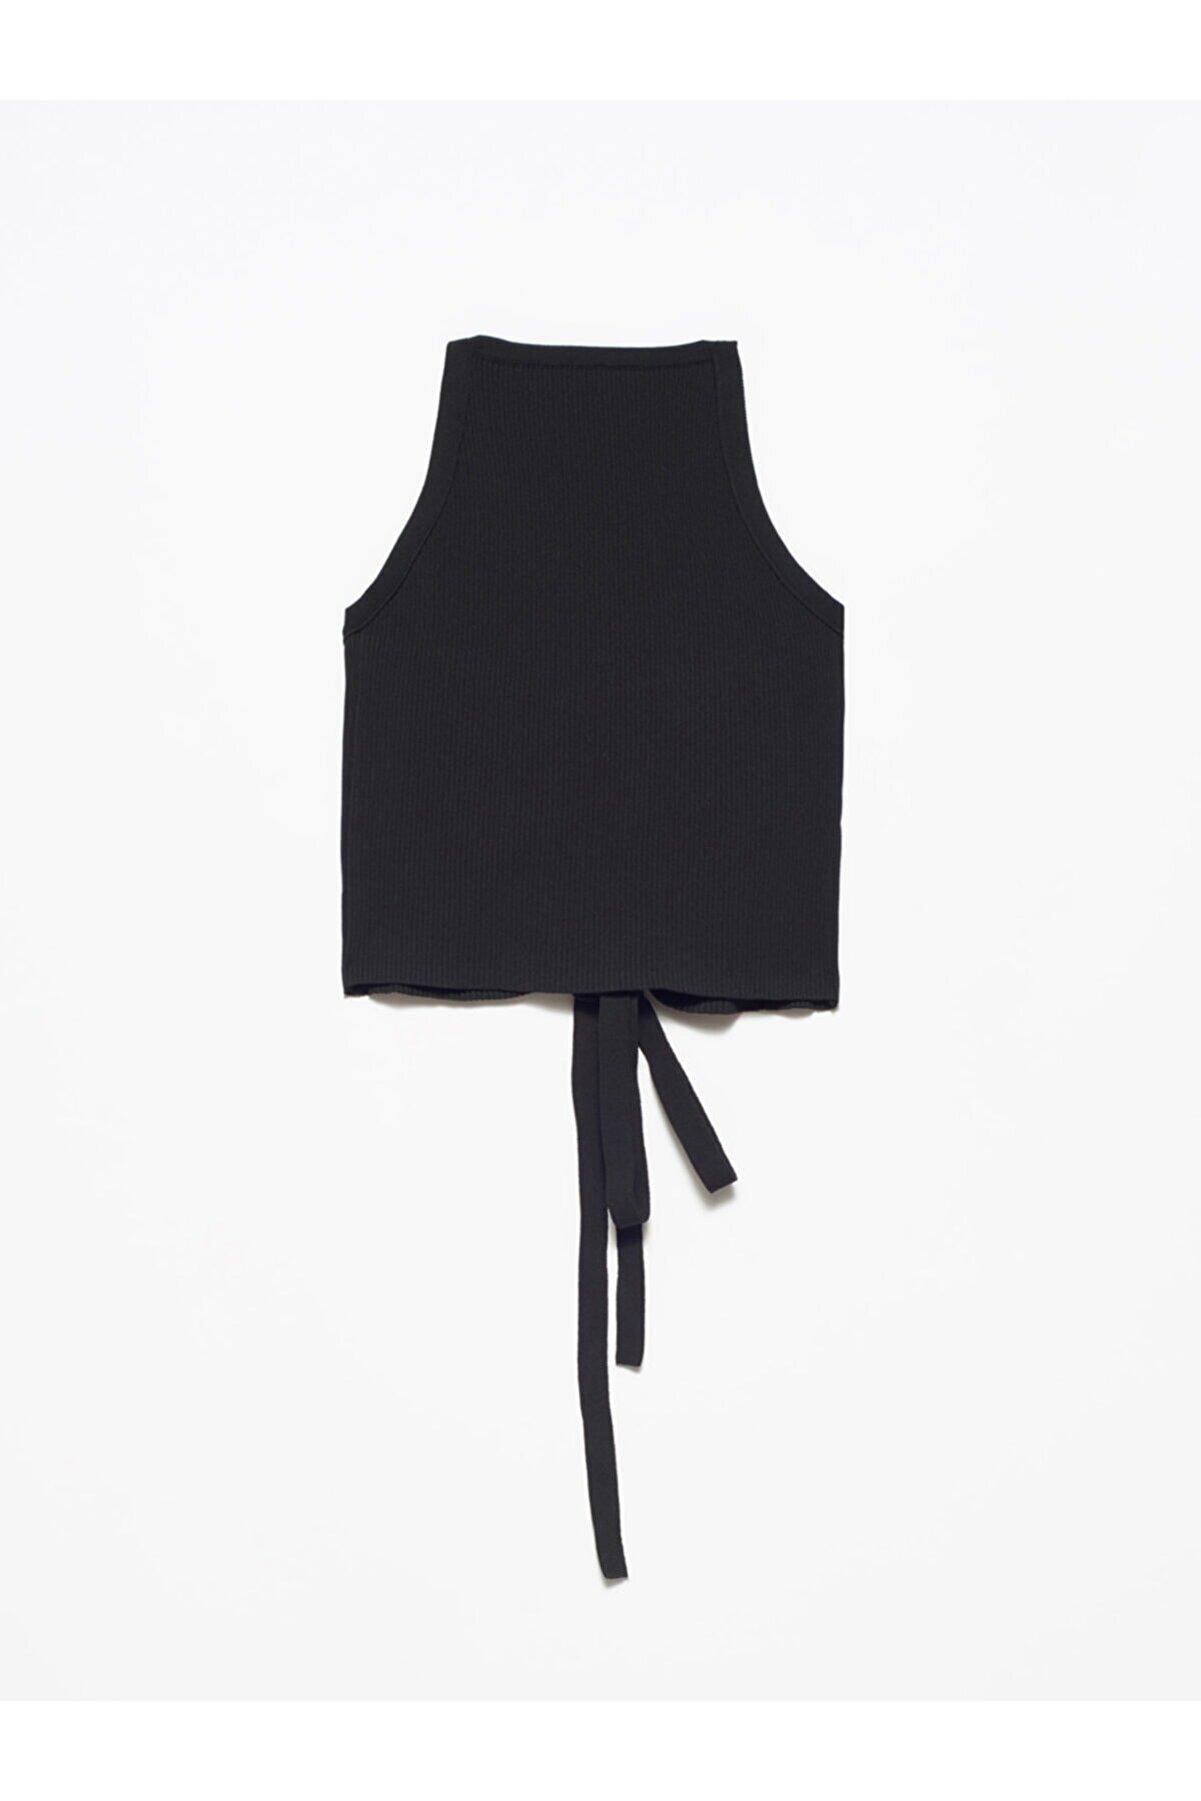 Dilvin Kadın Siyah Arkası Çapraz Askılı Atlet 2856